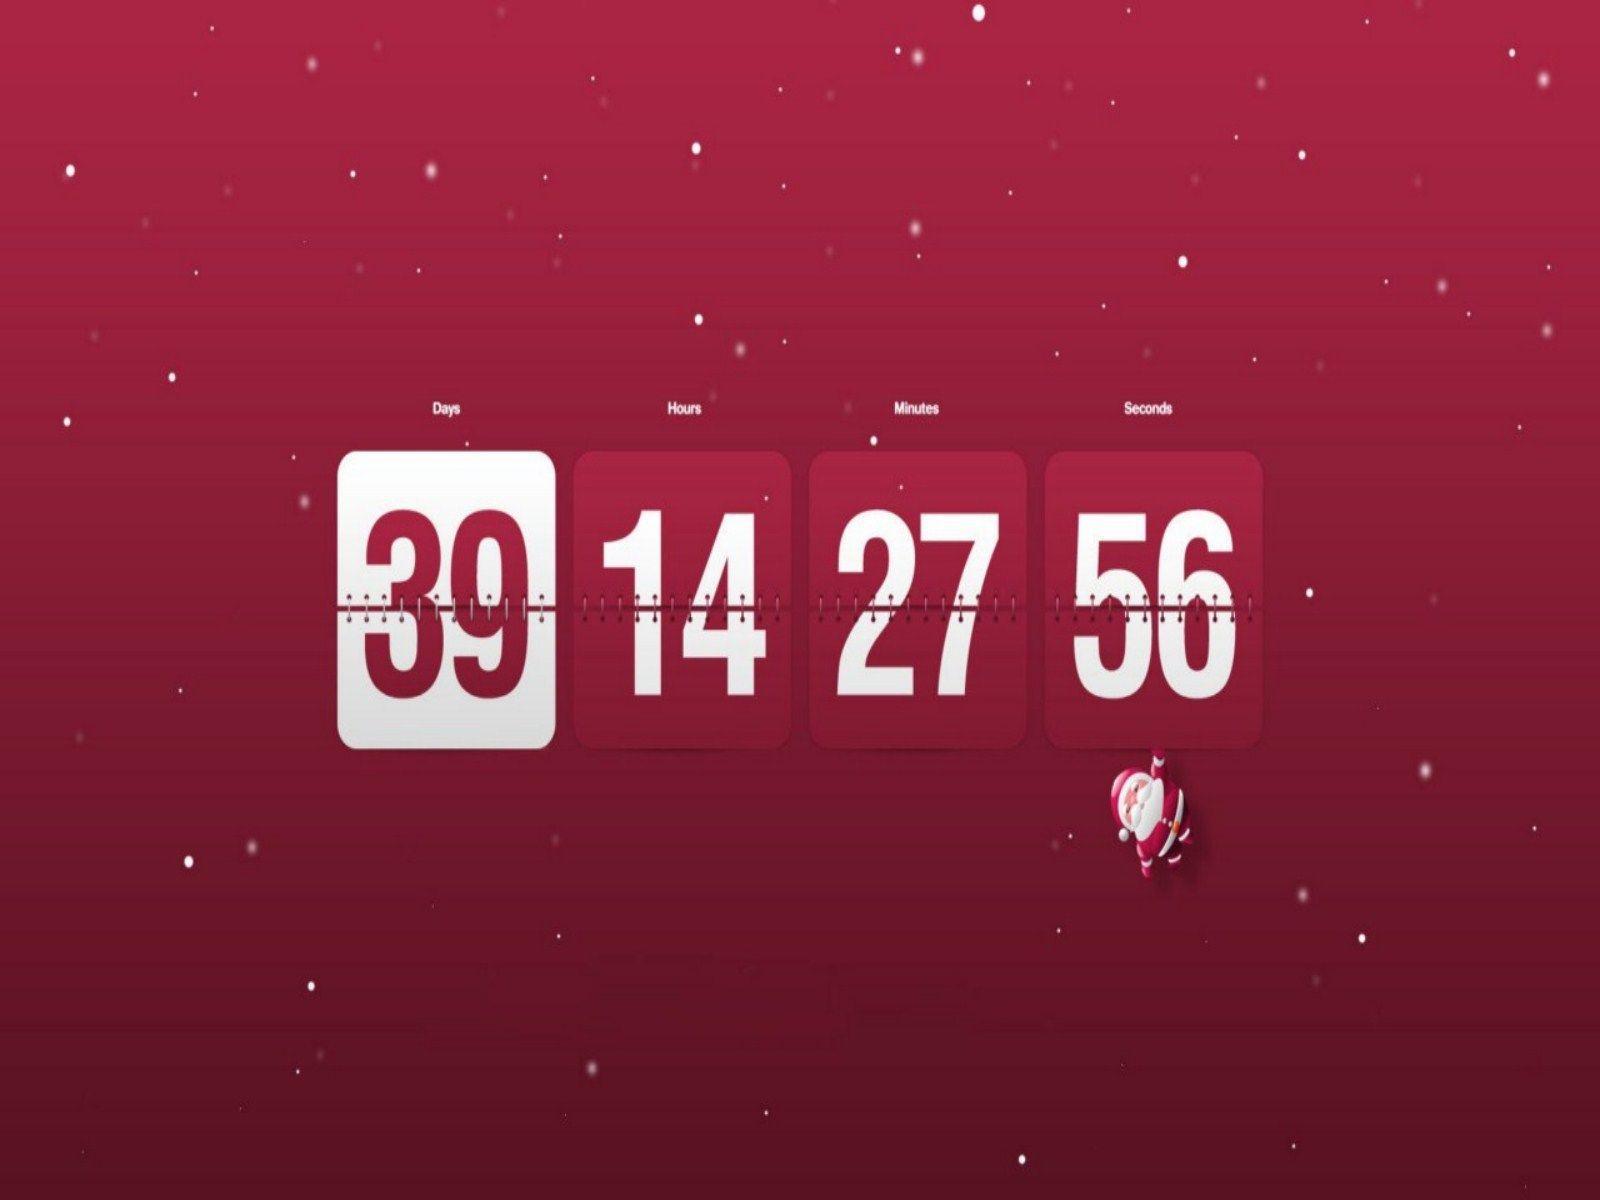 Christmas Countdown Wallpaper | Woneninoneofakind